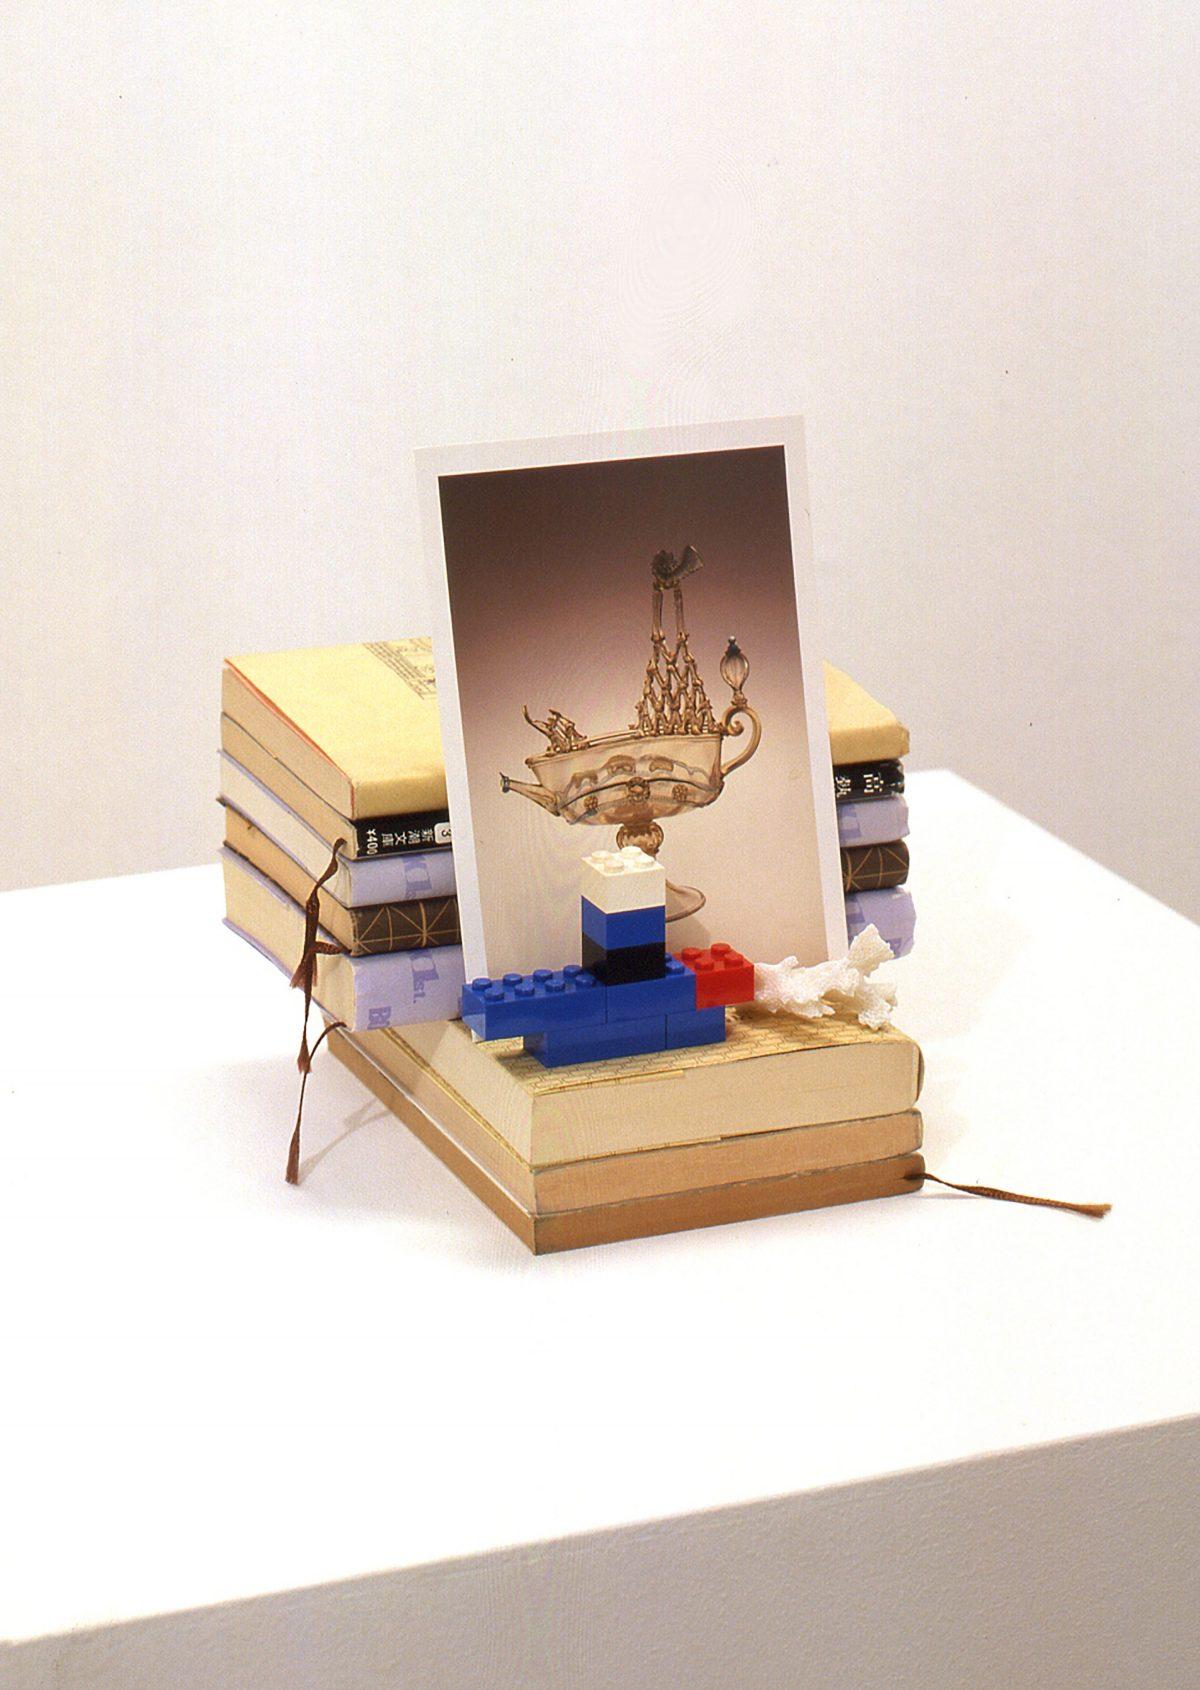 置物セット/ 文庫本、絵葉書、レゴ、珊瑚、配置図付/ 19×19×19 / 2002